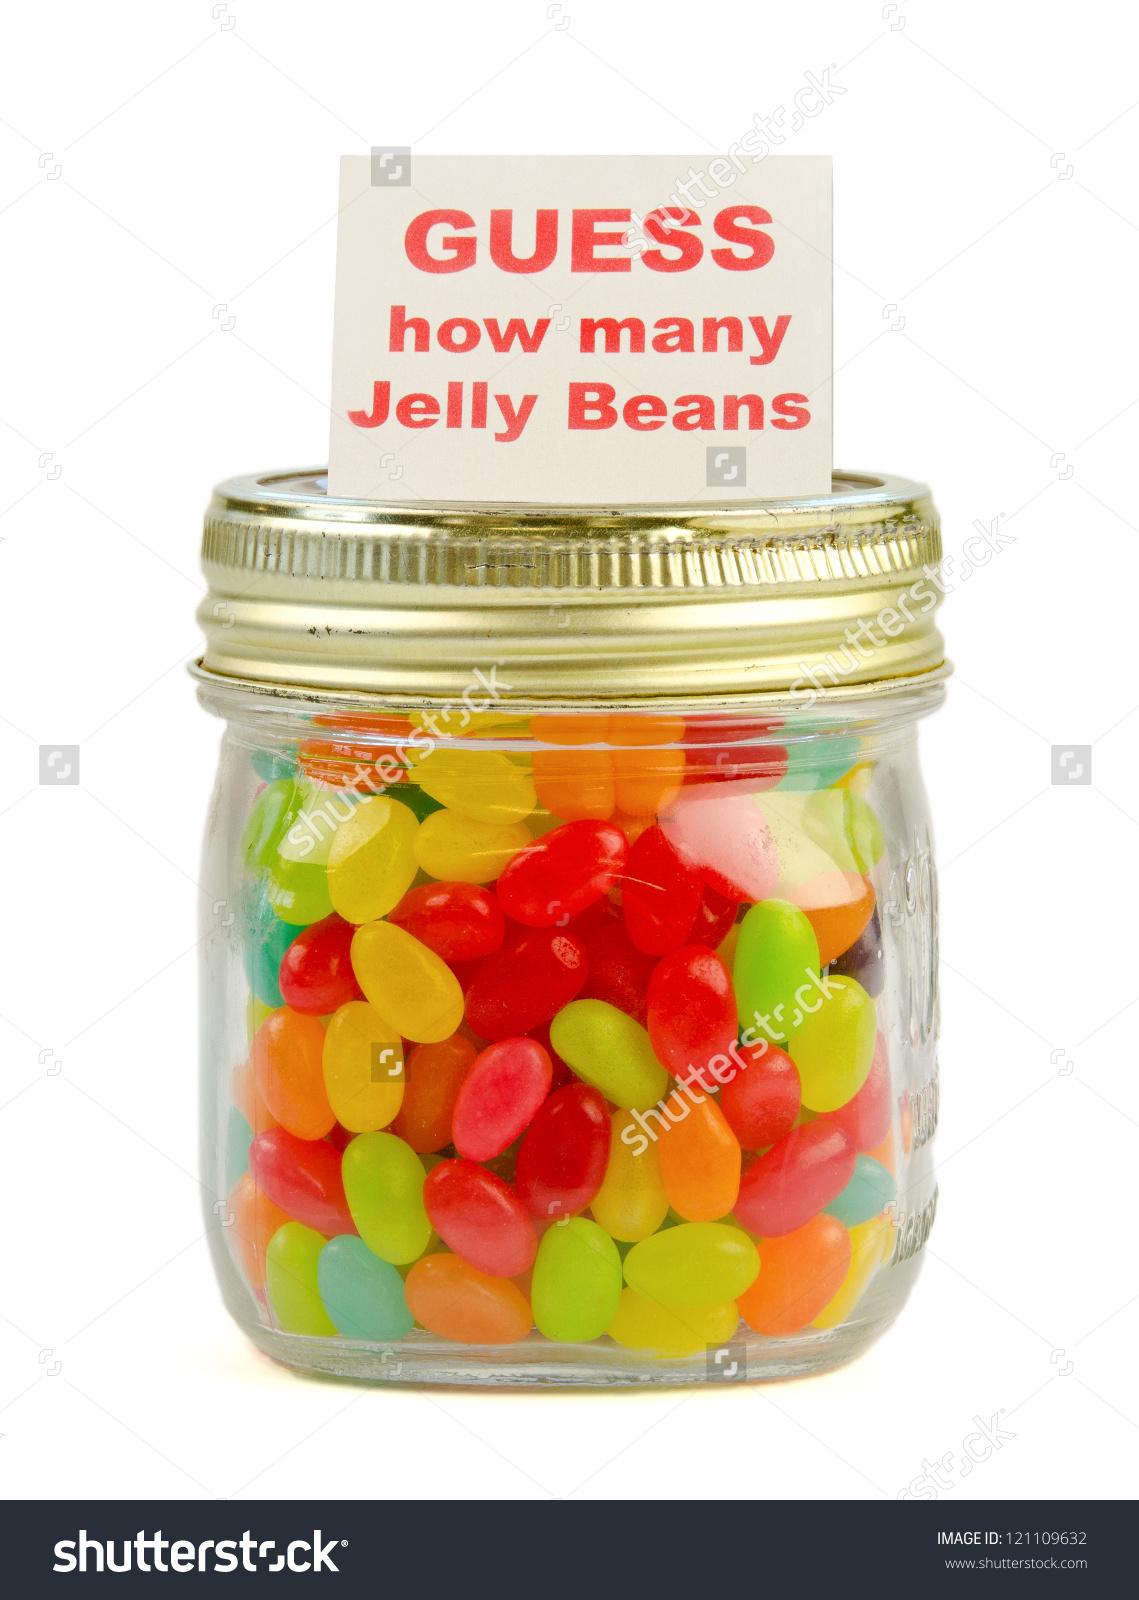 Guess How Many Jelly Beans Mason Stock Photo 121109632.